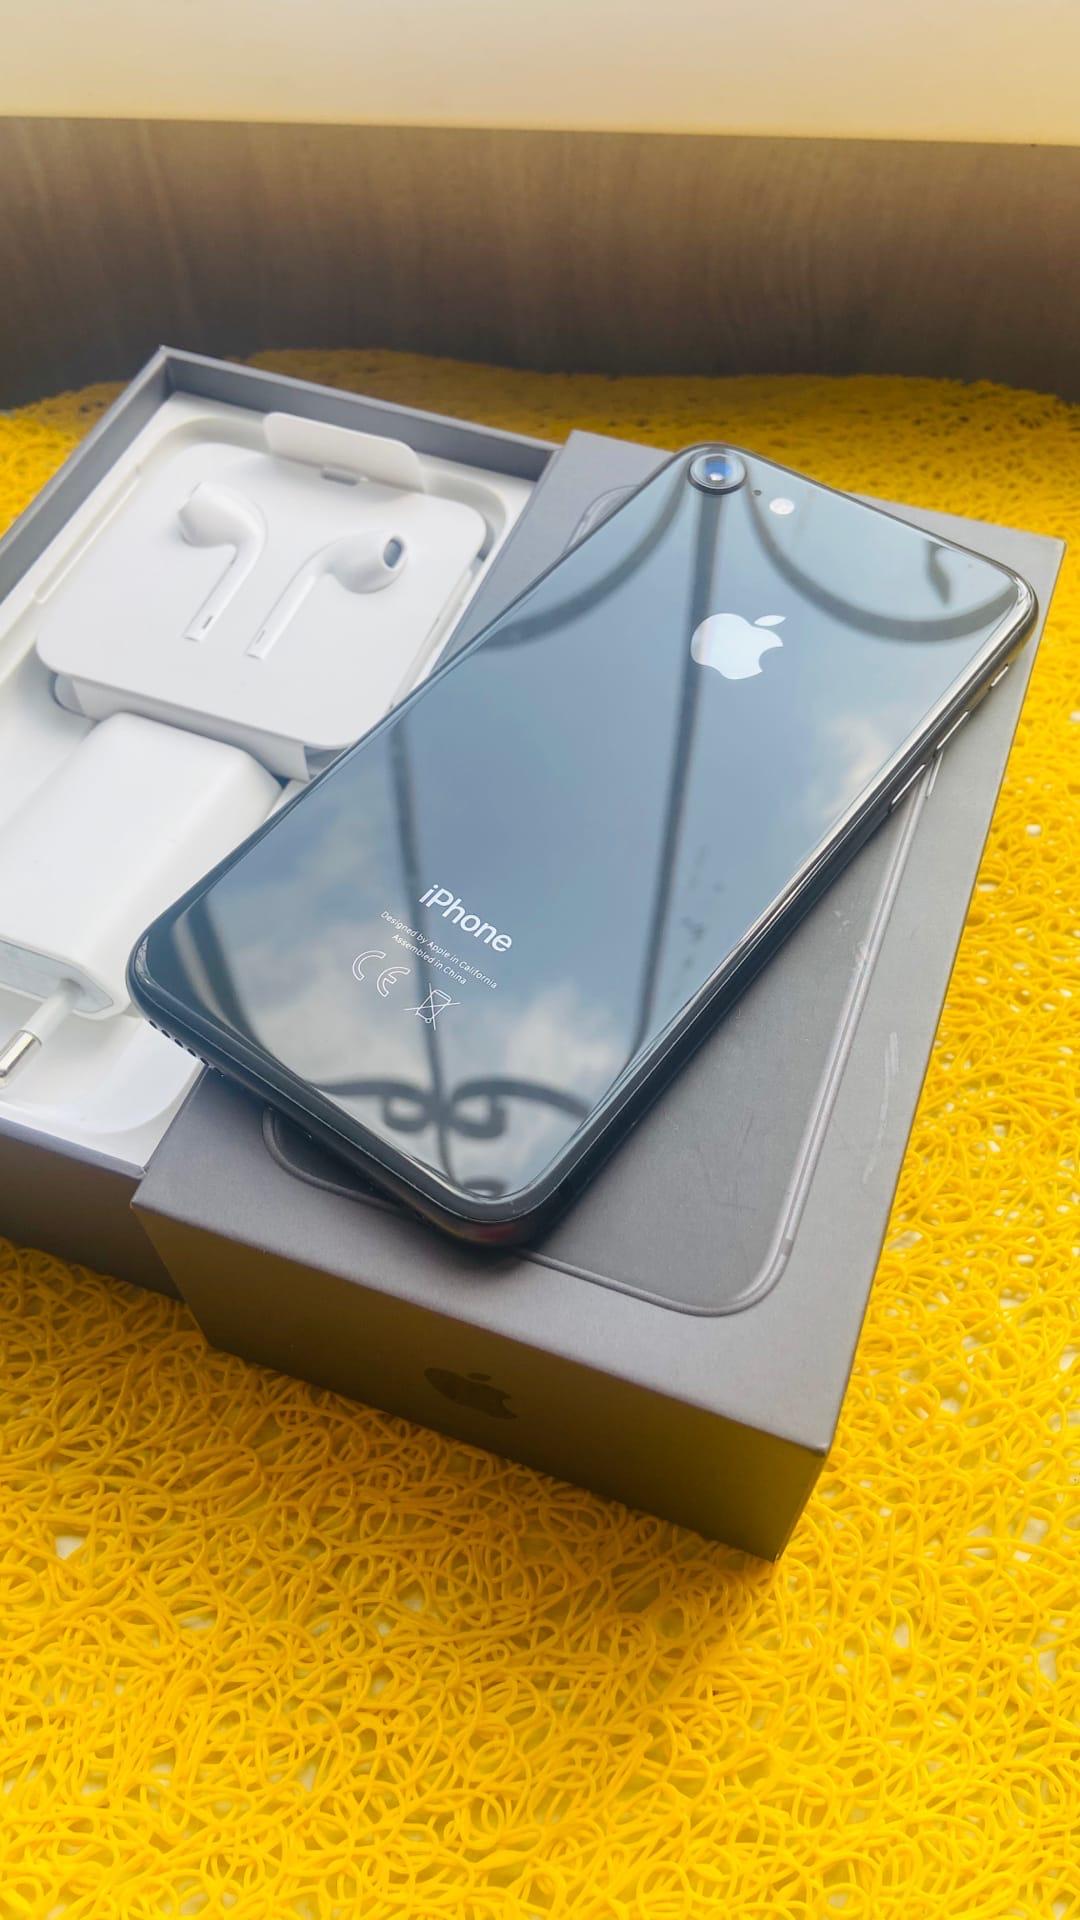 Купить iPhone 8 на 64GB памяти. Телефон | Объявления Орска и Новотроицка №3688